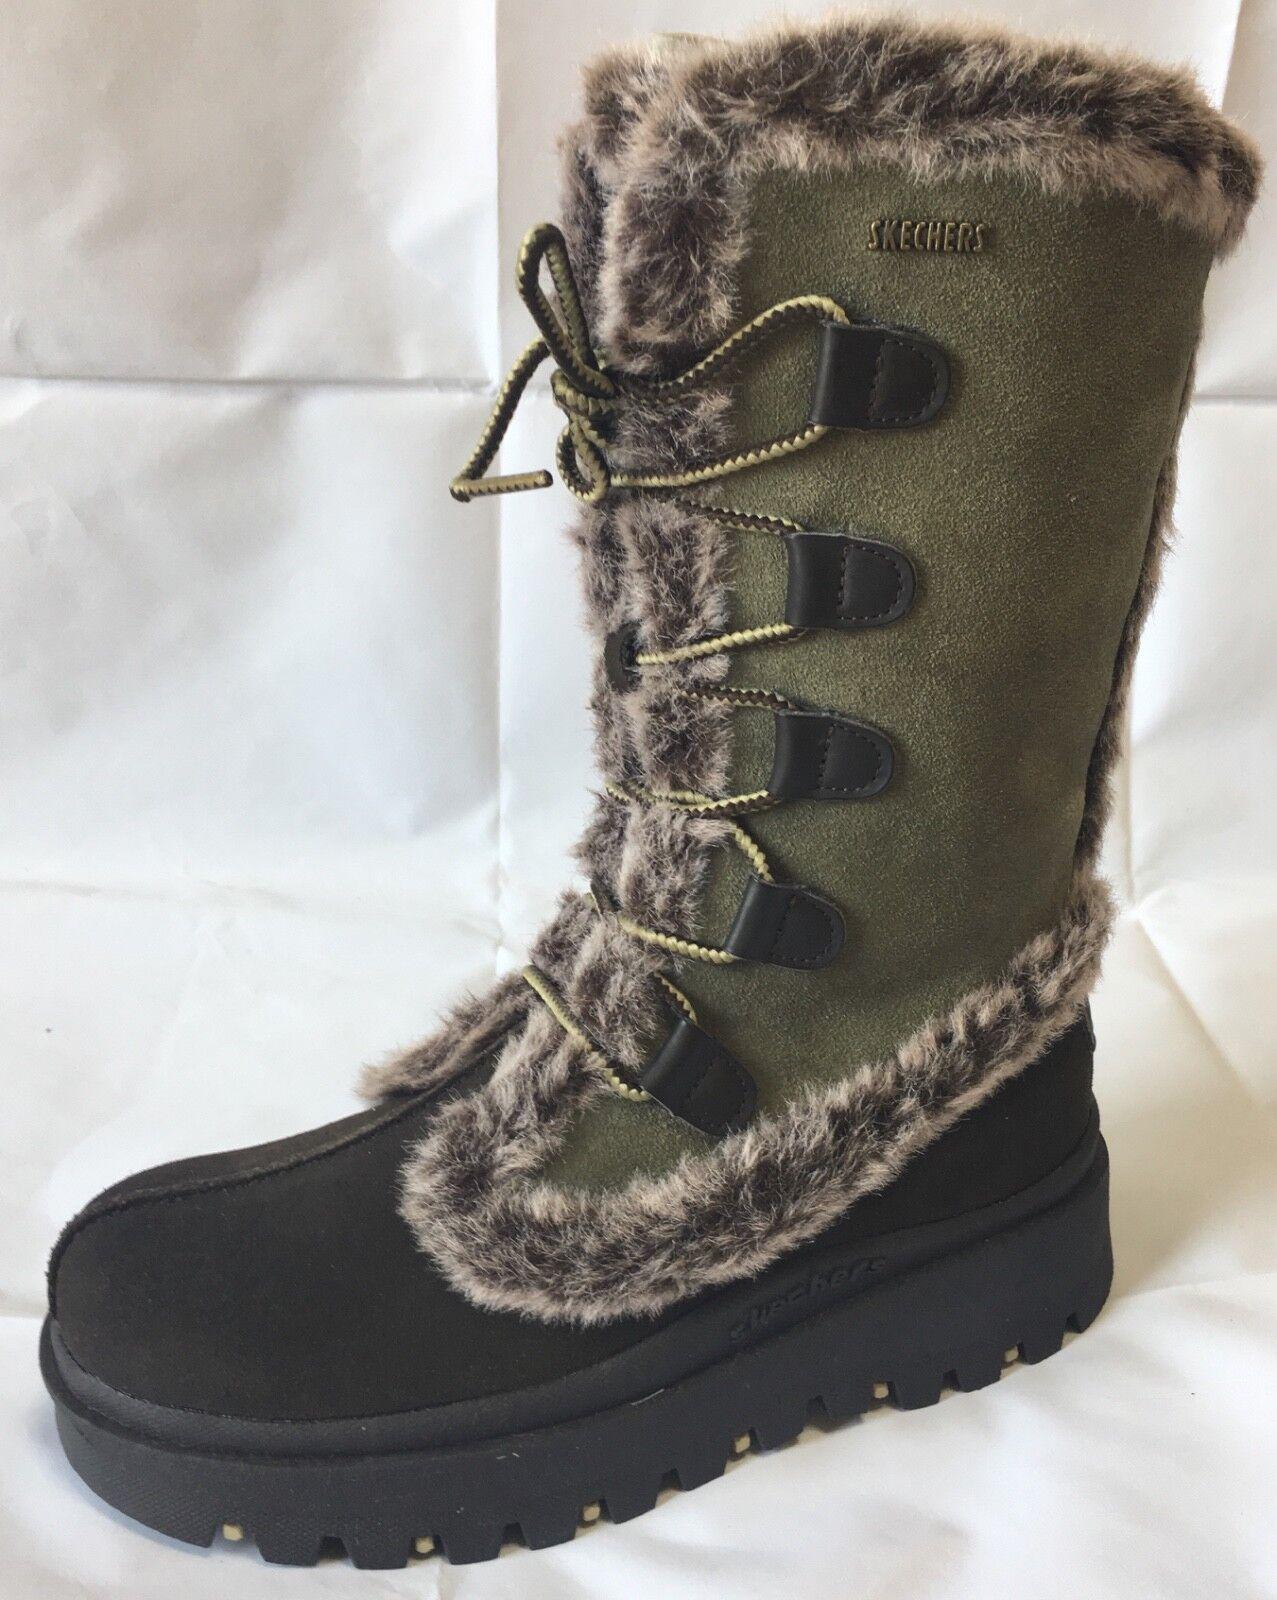 WOMEN'S SKECHERS SHINDING FROLIC FAUX FUR LINED WARM WINTER SNOW BOOT Sz US 6.5